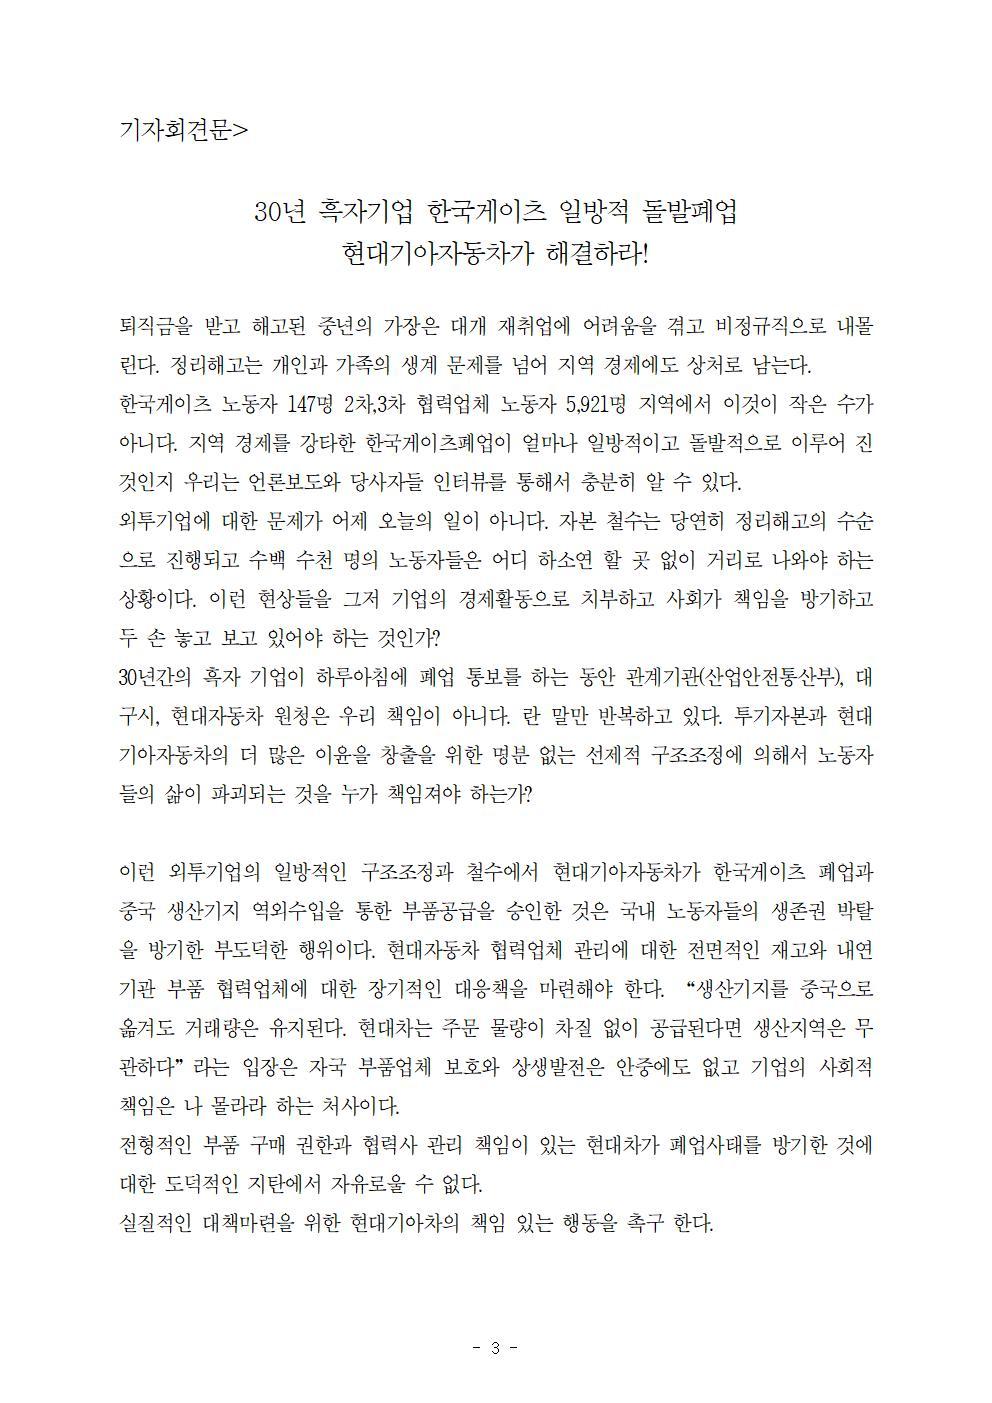 0729 한국게이츠 돌발폐업 현대기아자동차가 해결하라 기자회견003.jpg